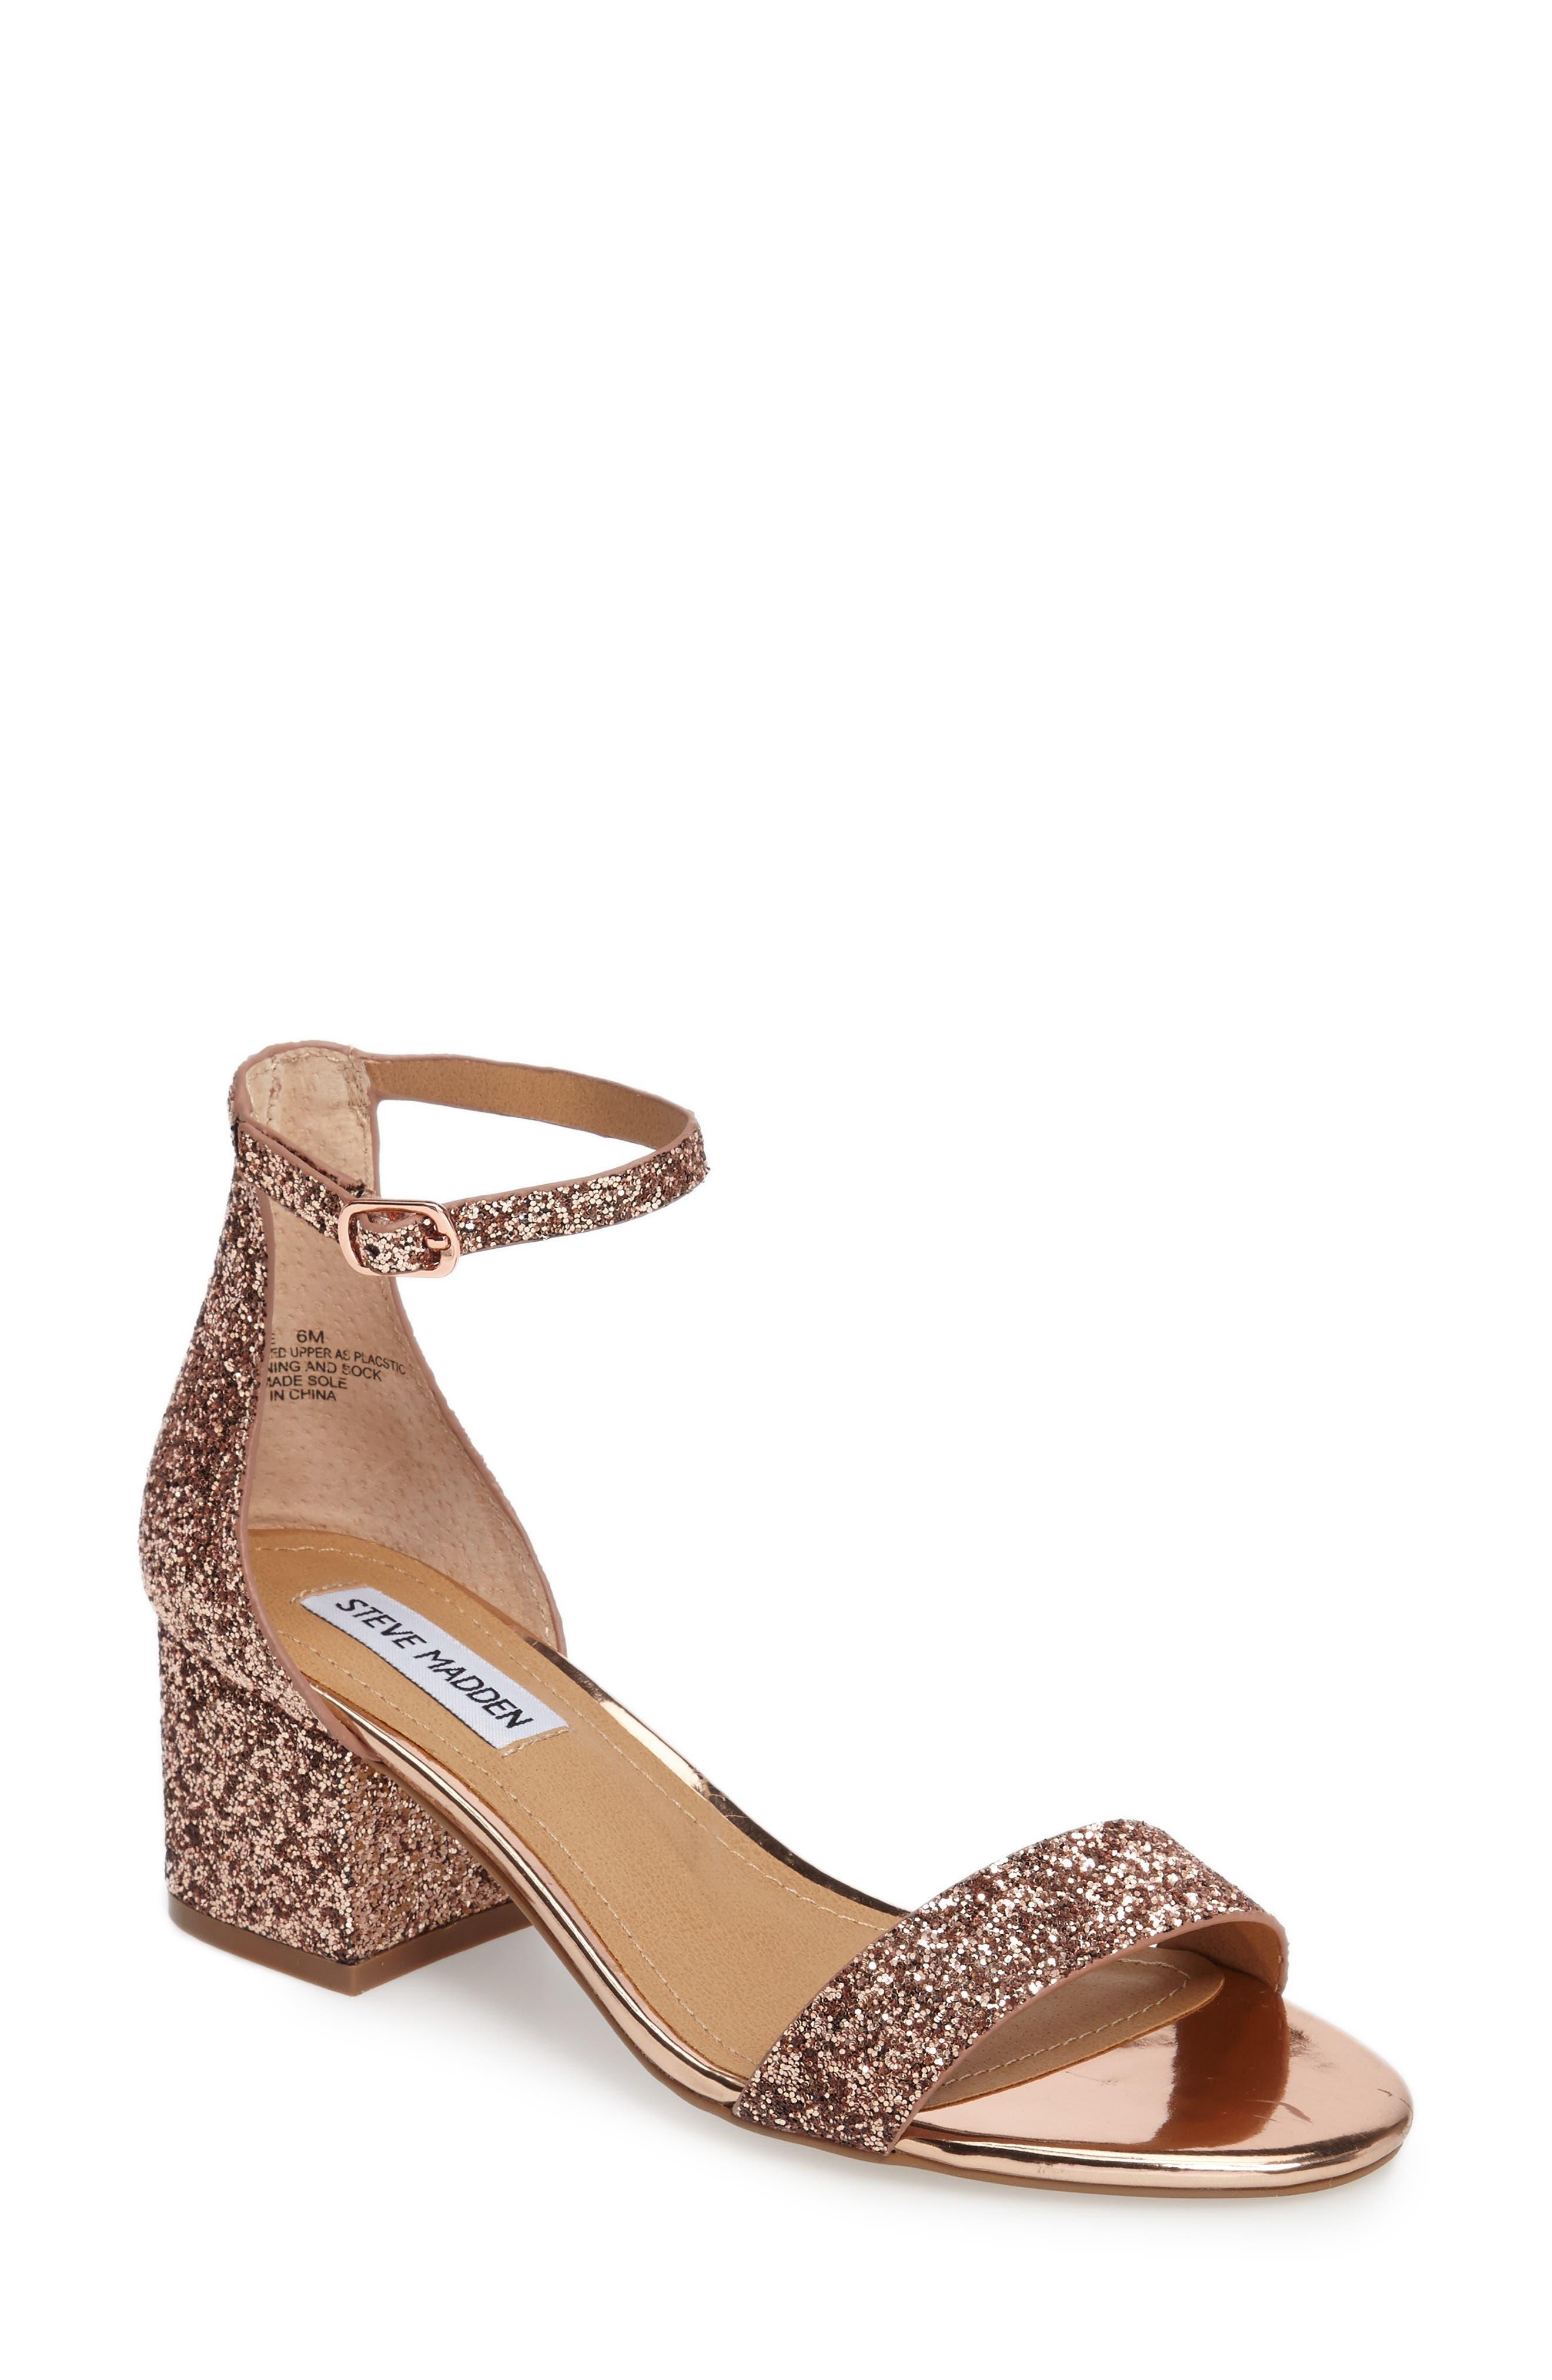 Irenee Ankle Strap Sandal,                             Alternate thumbnail 59, color,